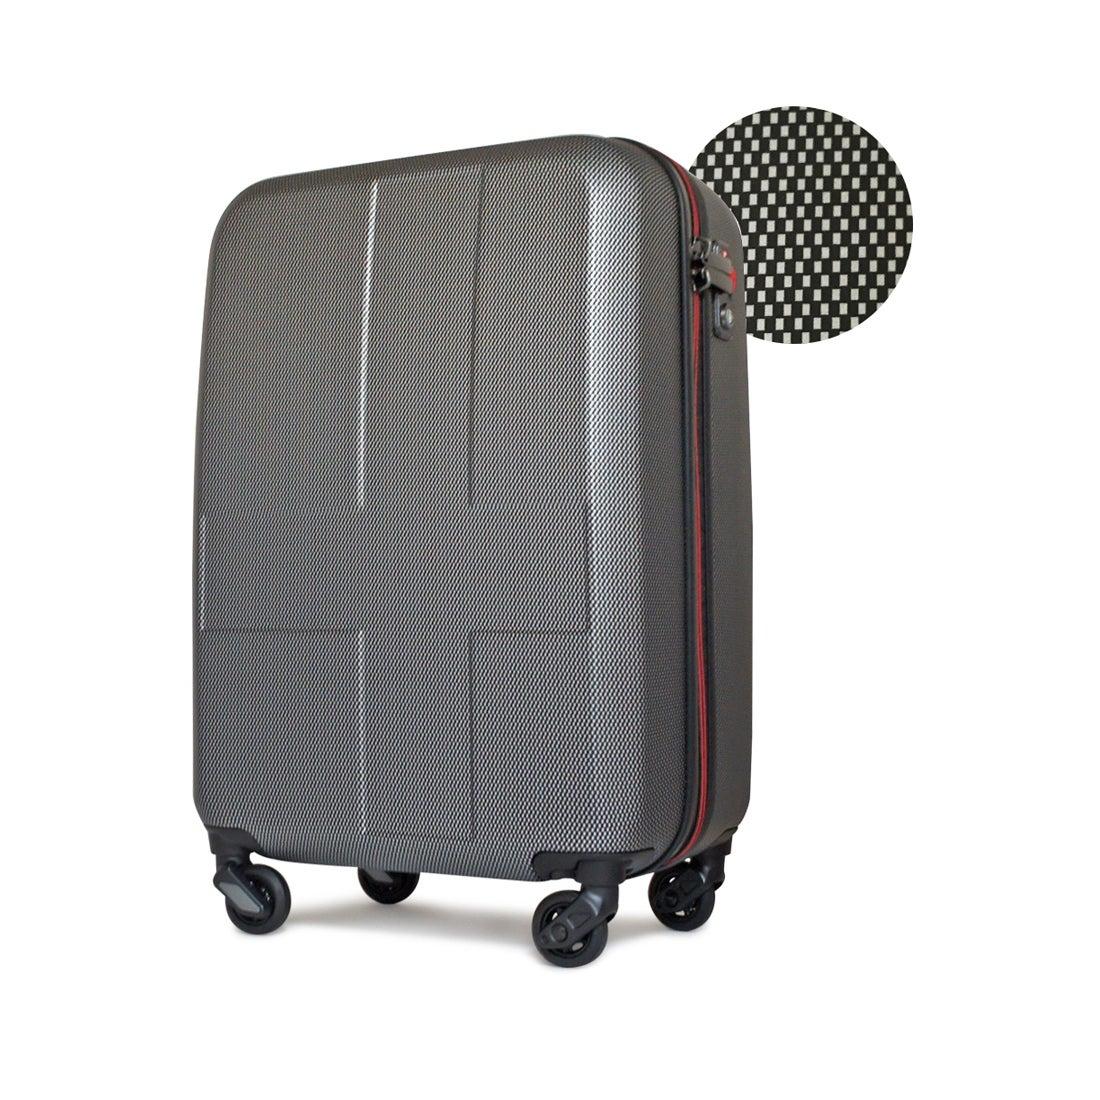 【SAC'S BAR】イノベーター スーツケース INV48/48T 48cm 【INV48】BK-CROSS-CARB メンズ